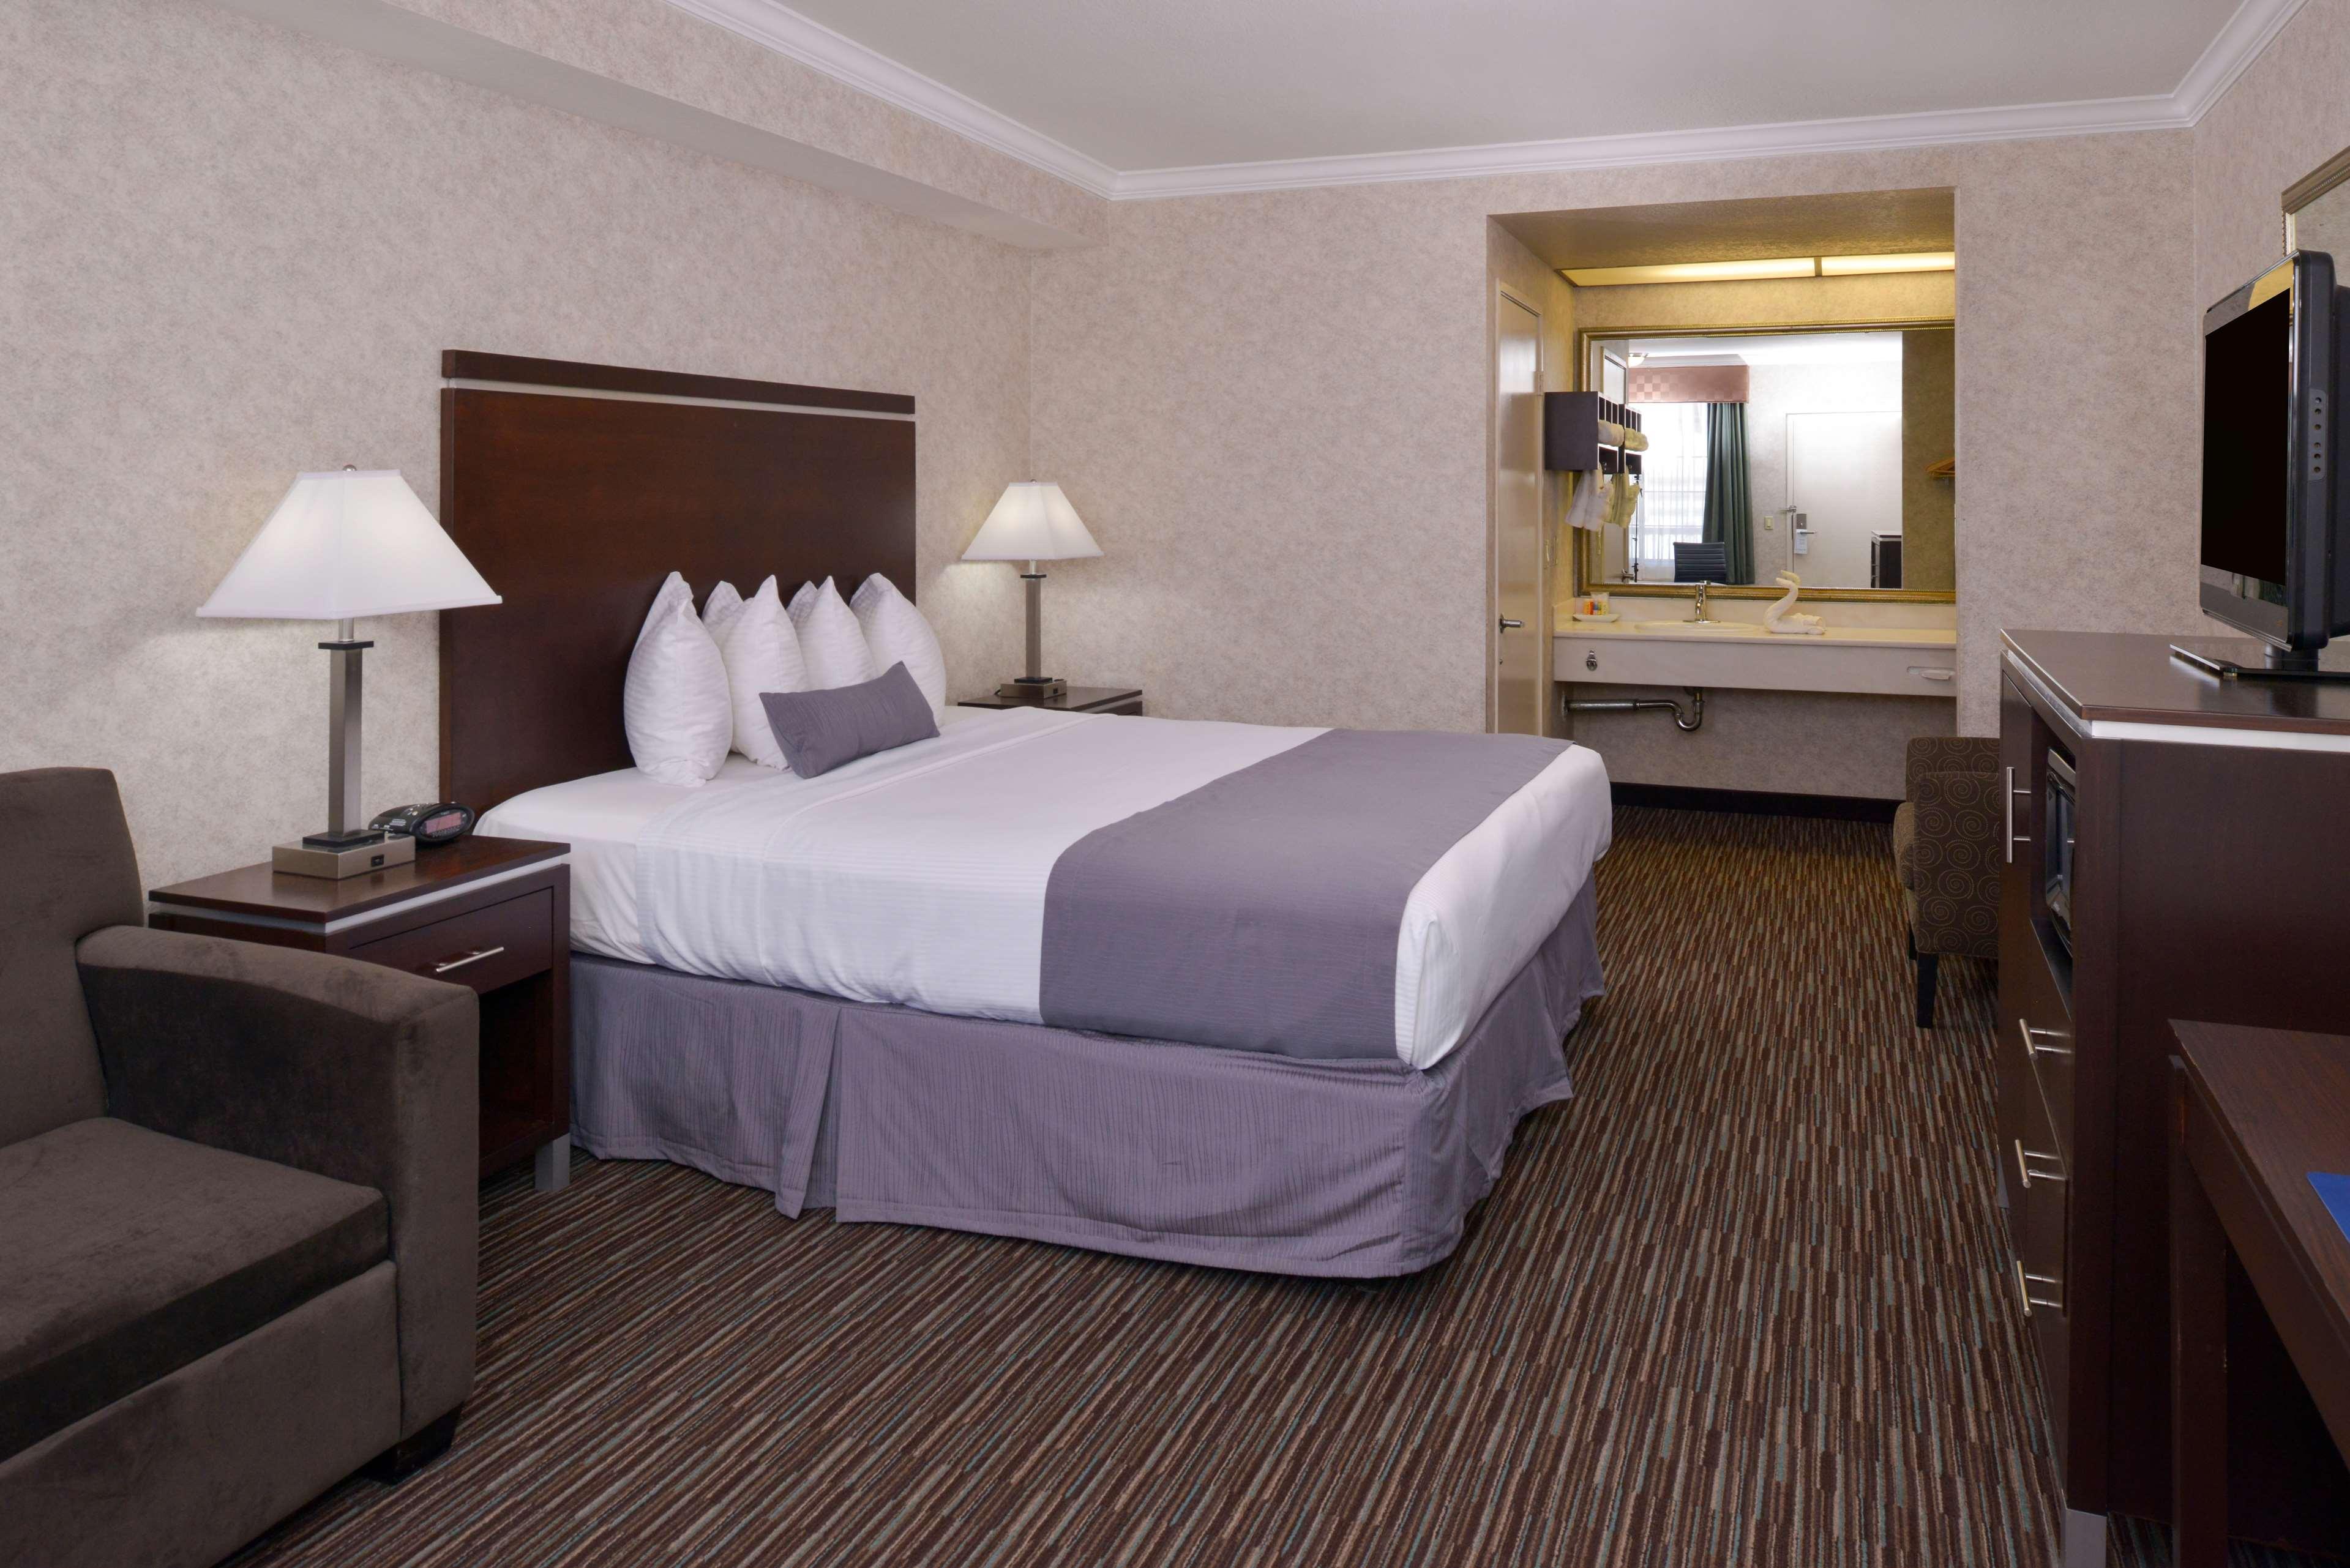 Best Western Redondo Beach Galleria Inn image 11